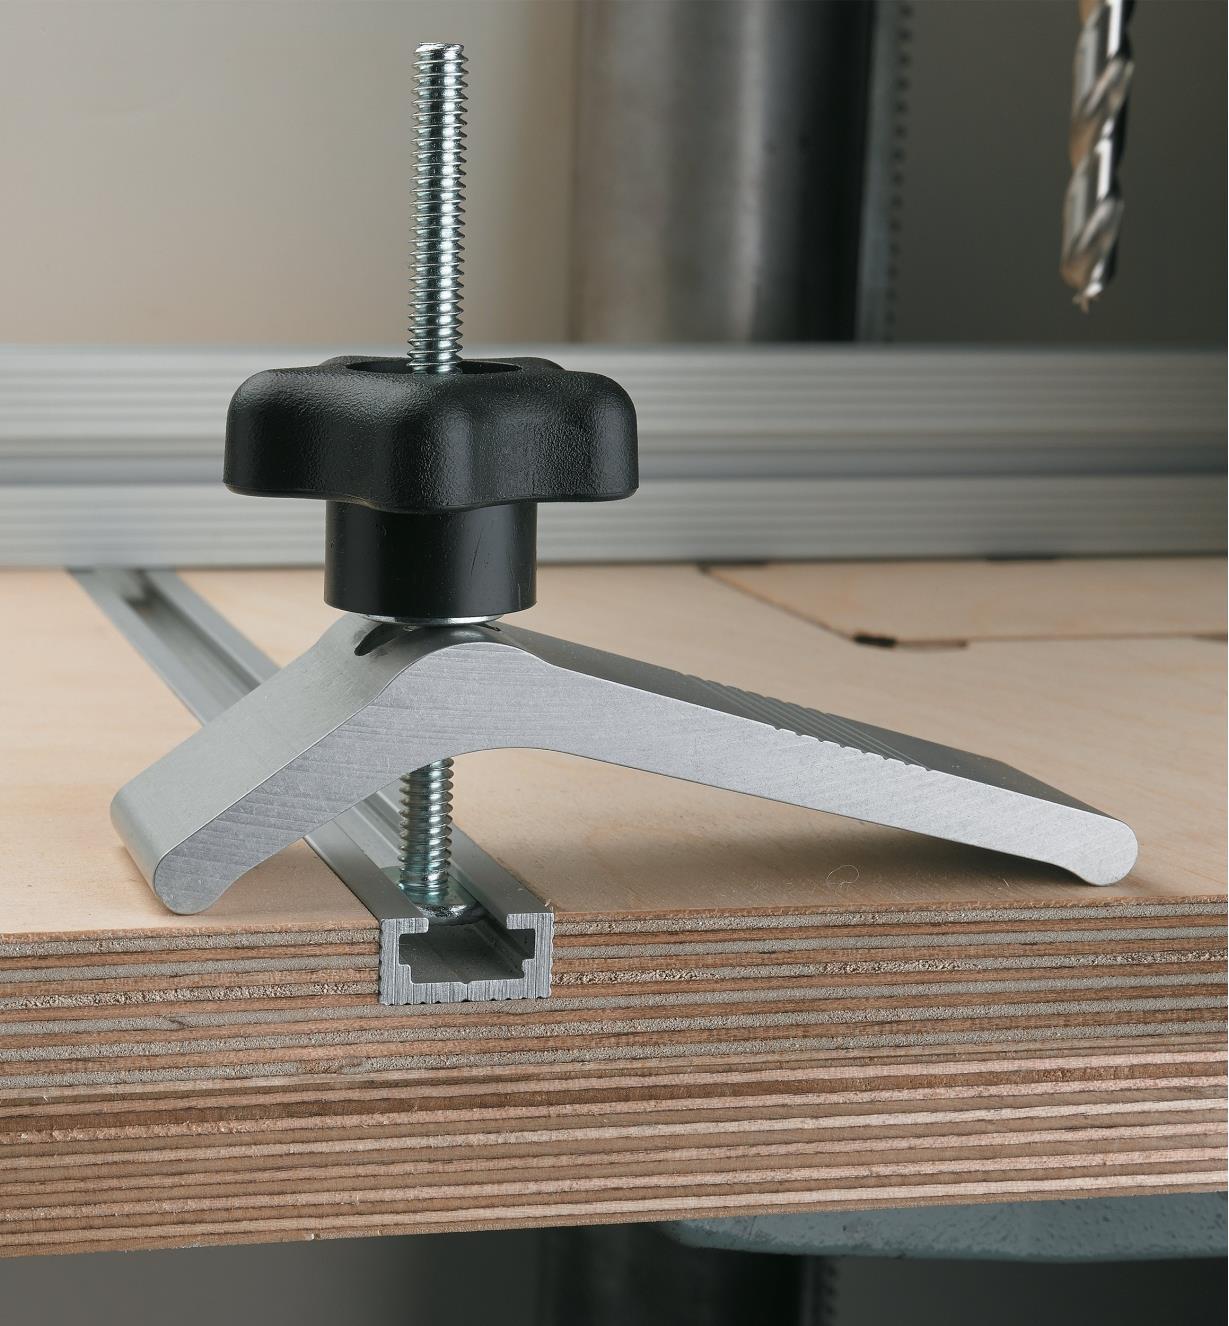 T slot rails for jigs